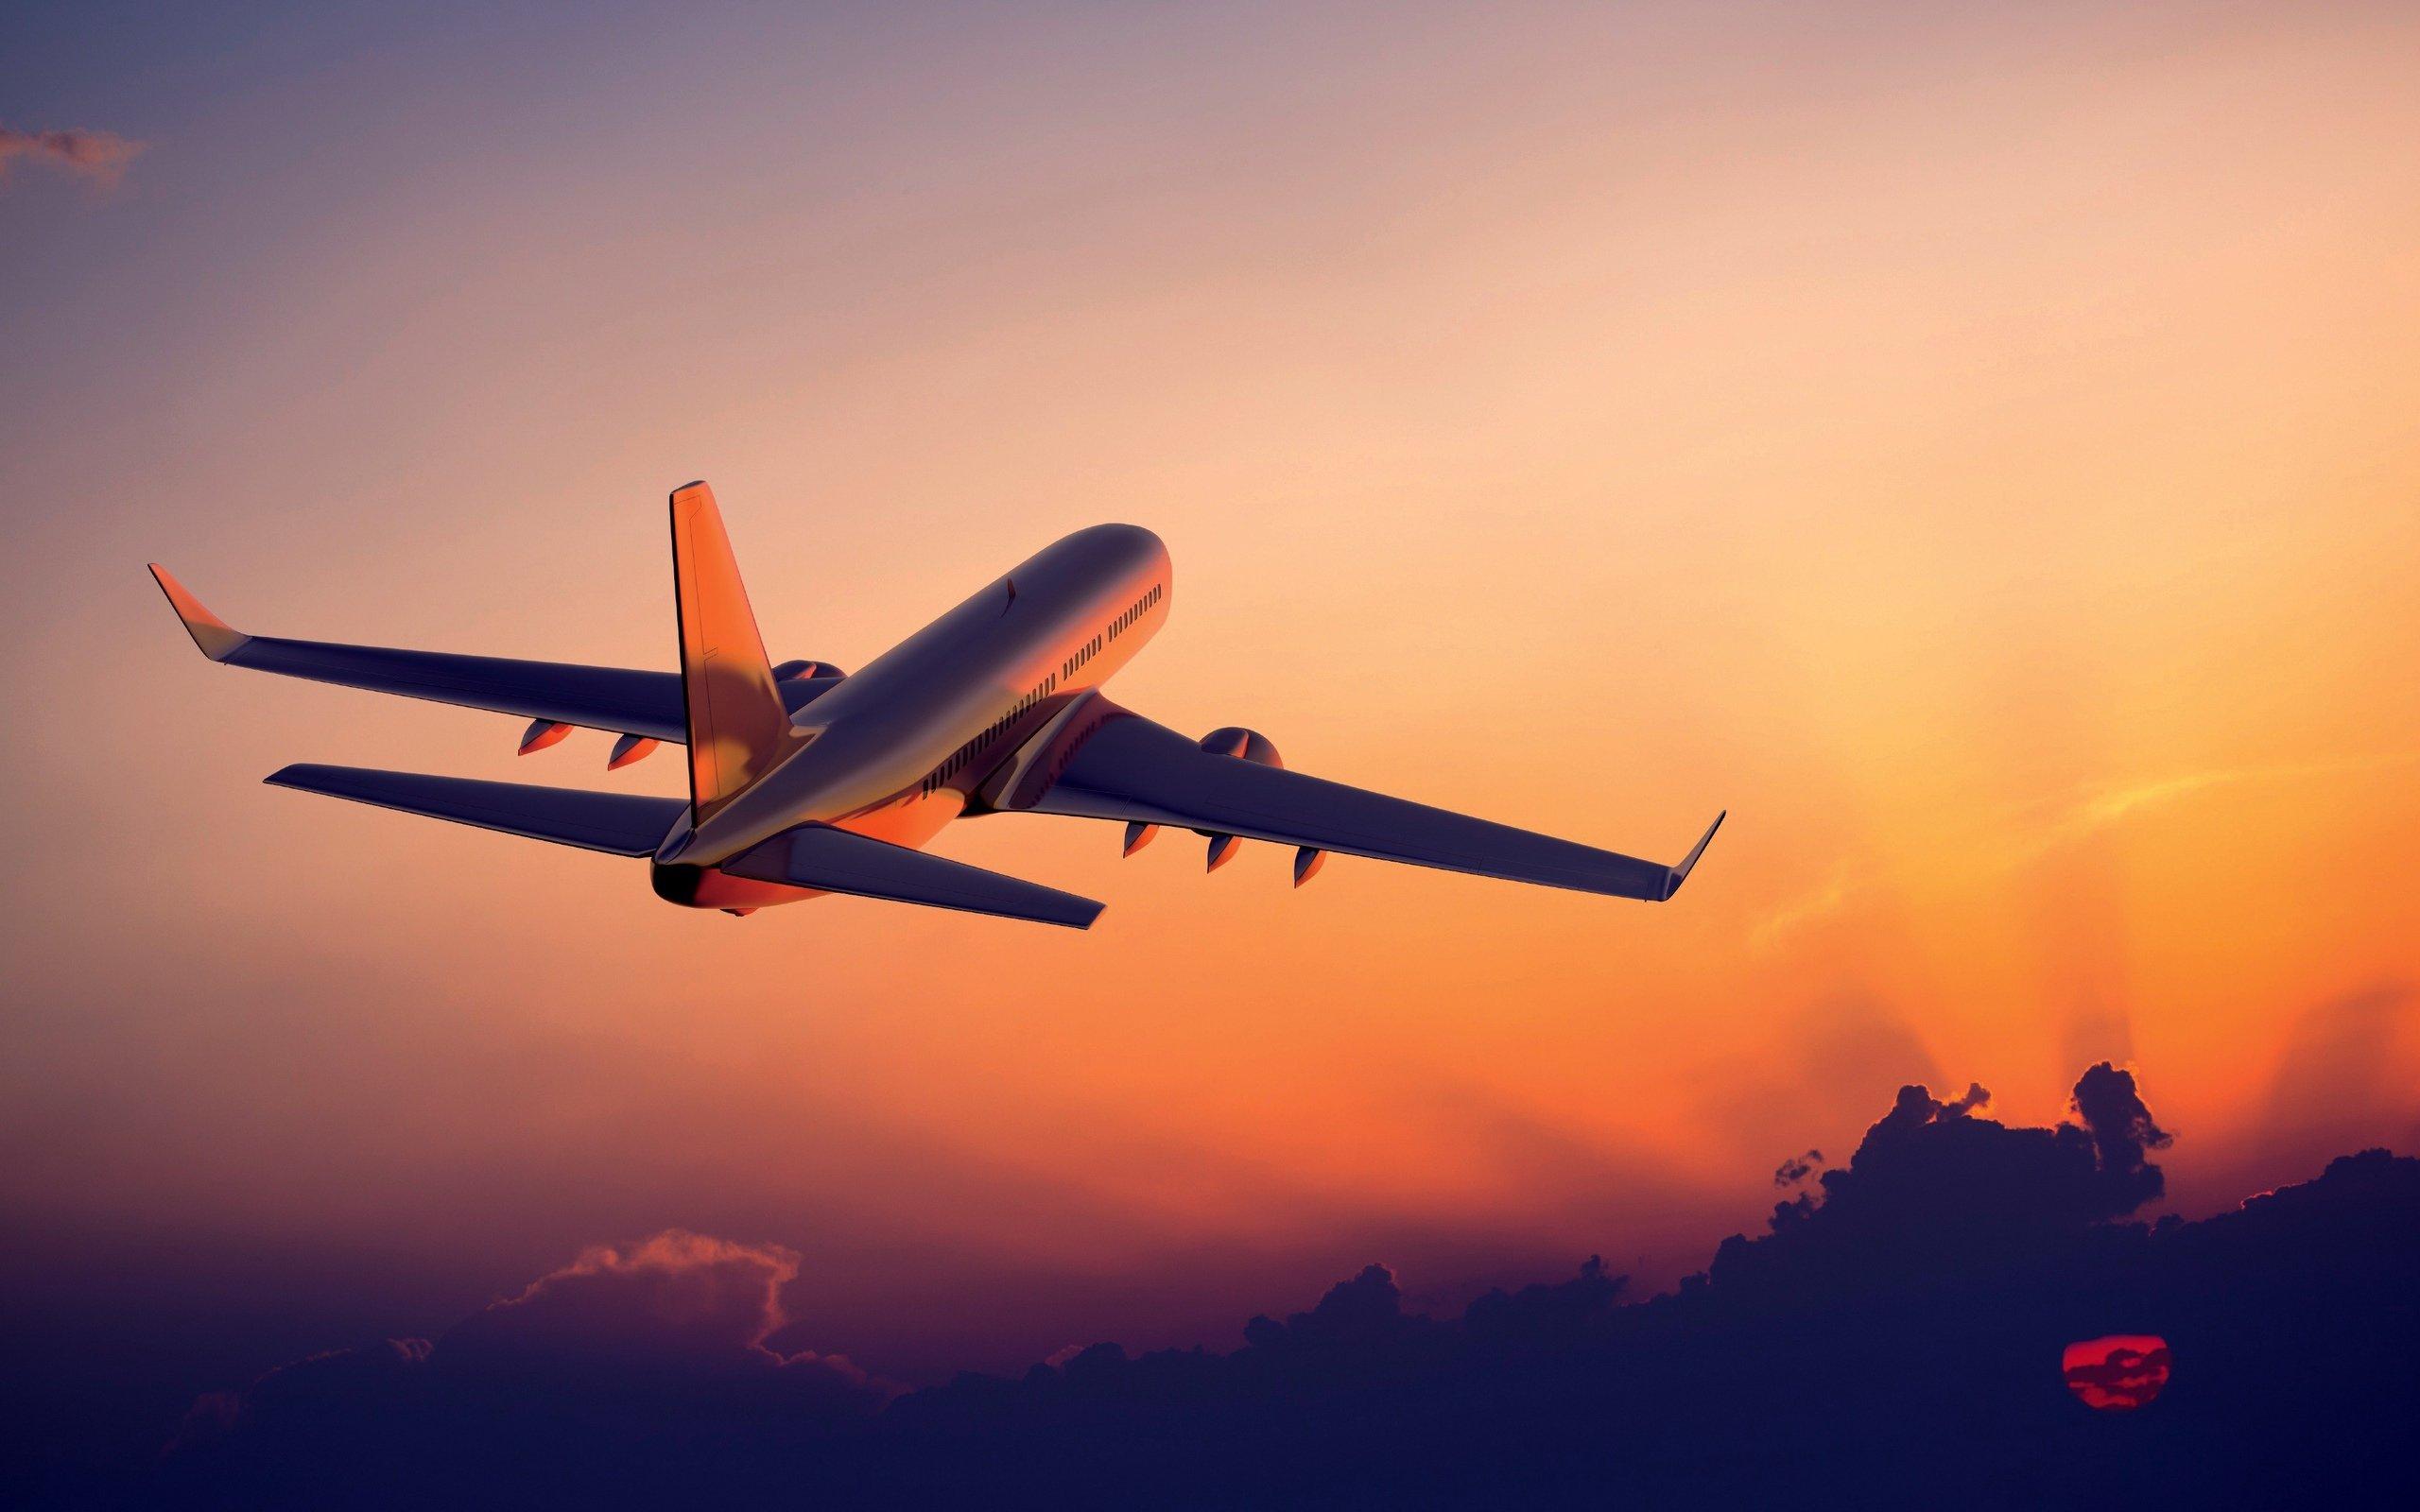 роды в самолете родила в самолете токио канада жительница канады